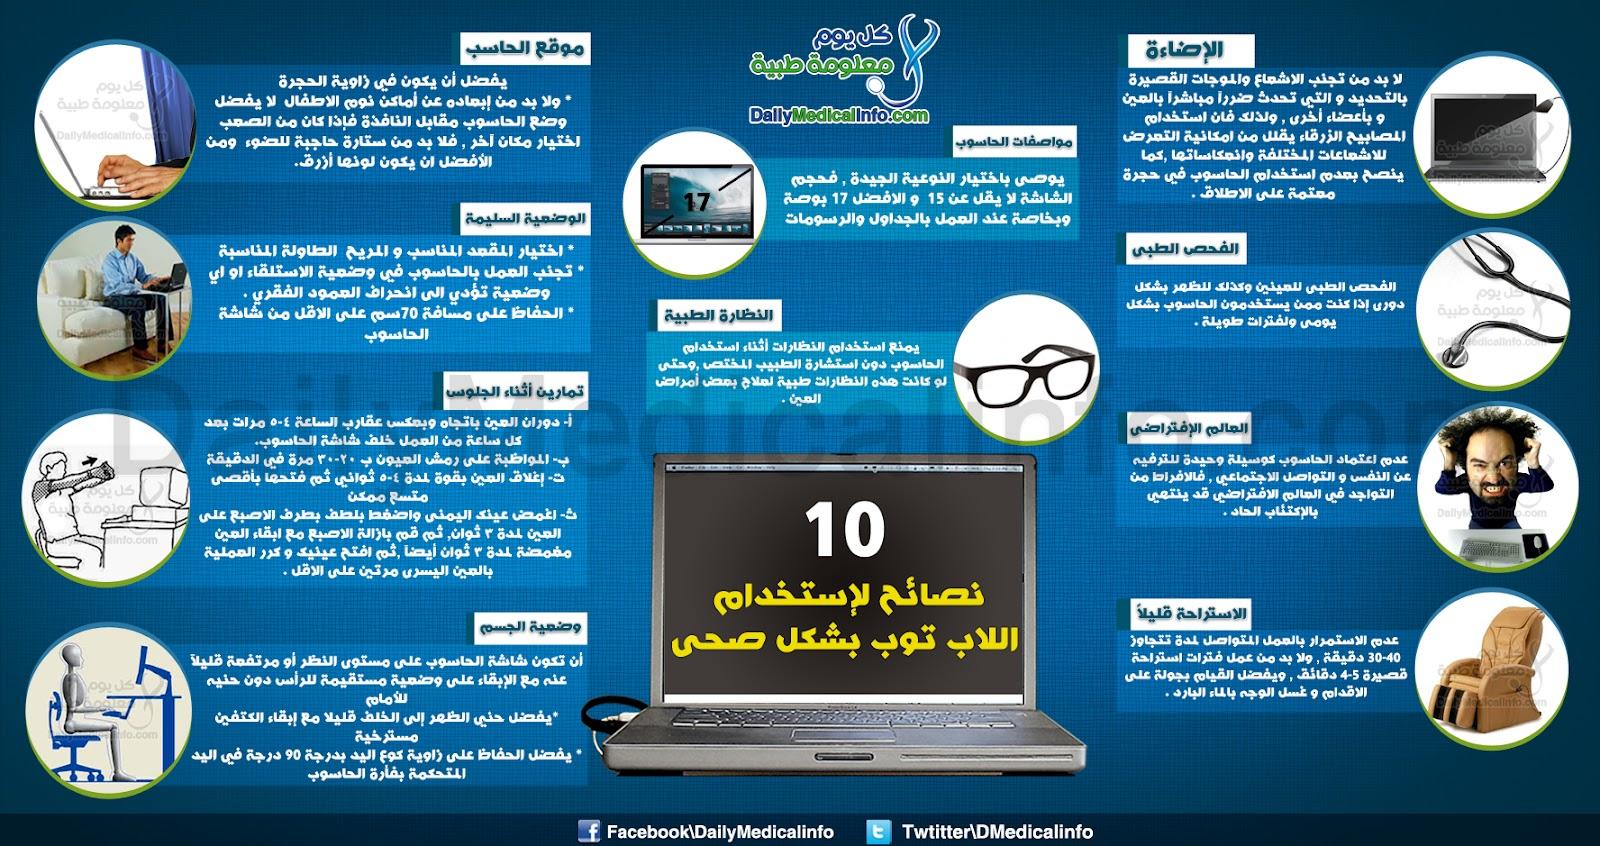 حماية الحاسب الشخصي او اللاب توب العامل بنظام التشغيل ويندوز من الإصابة بالبرمجيات الخبيثة